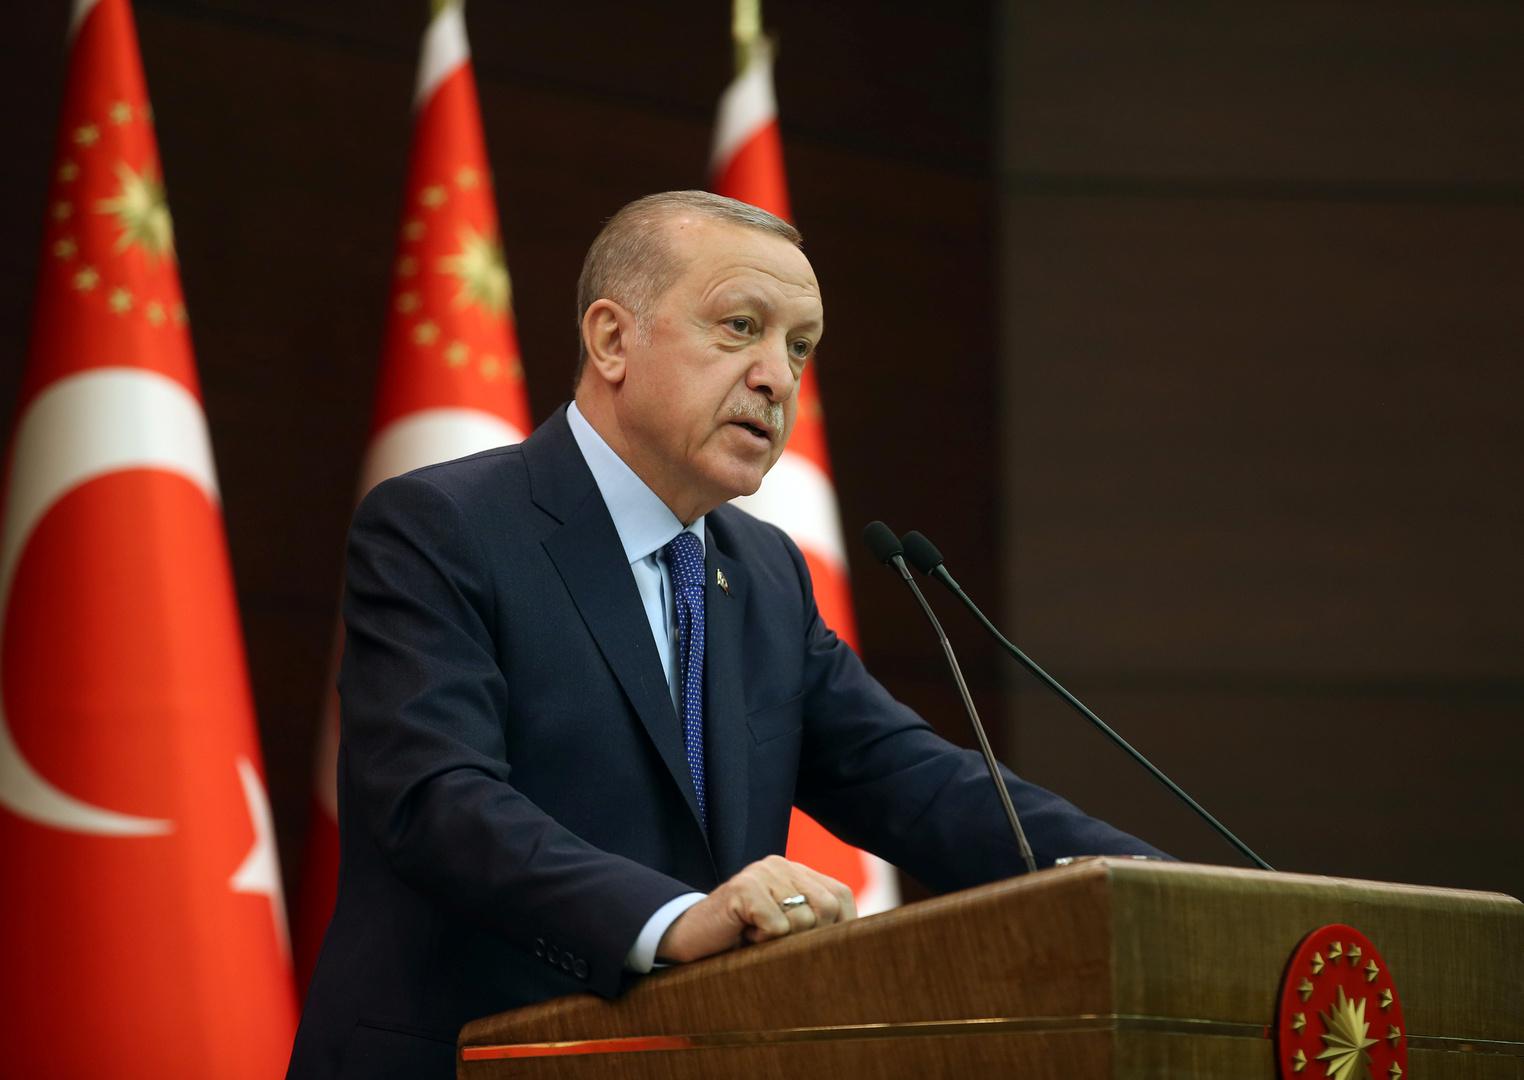 أردوغان: سنتلقى مؤشرات إيجابية بعد رأس السنة حول جهود تطوير لقاح ضد فيروس كورونا